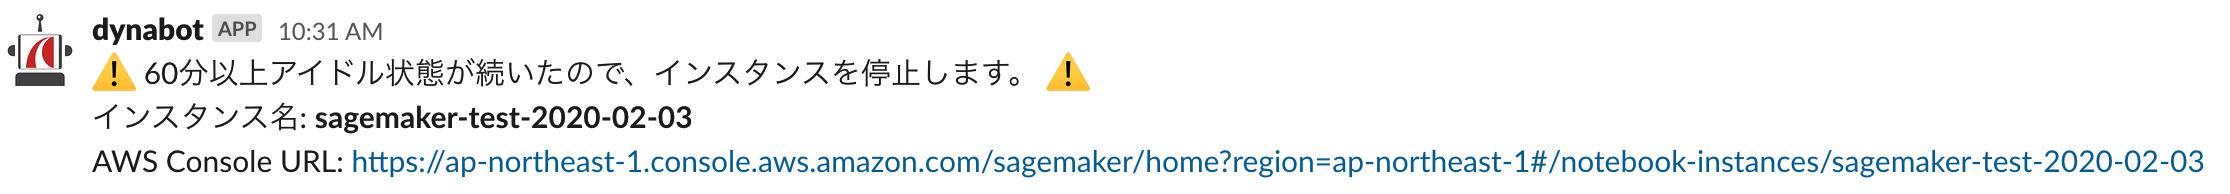 インスタンス停止のSlack通知